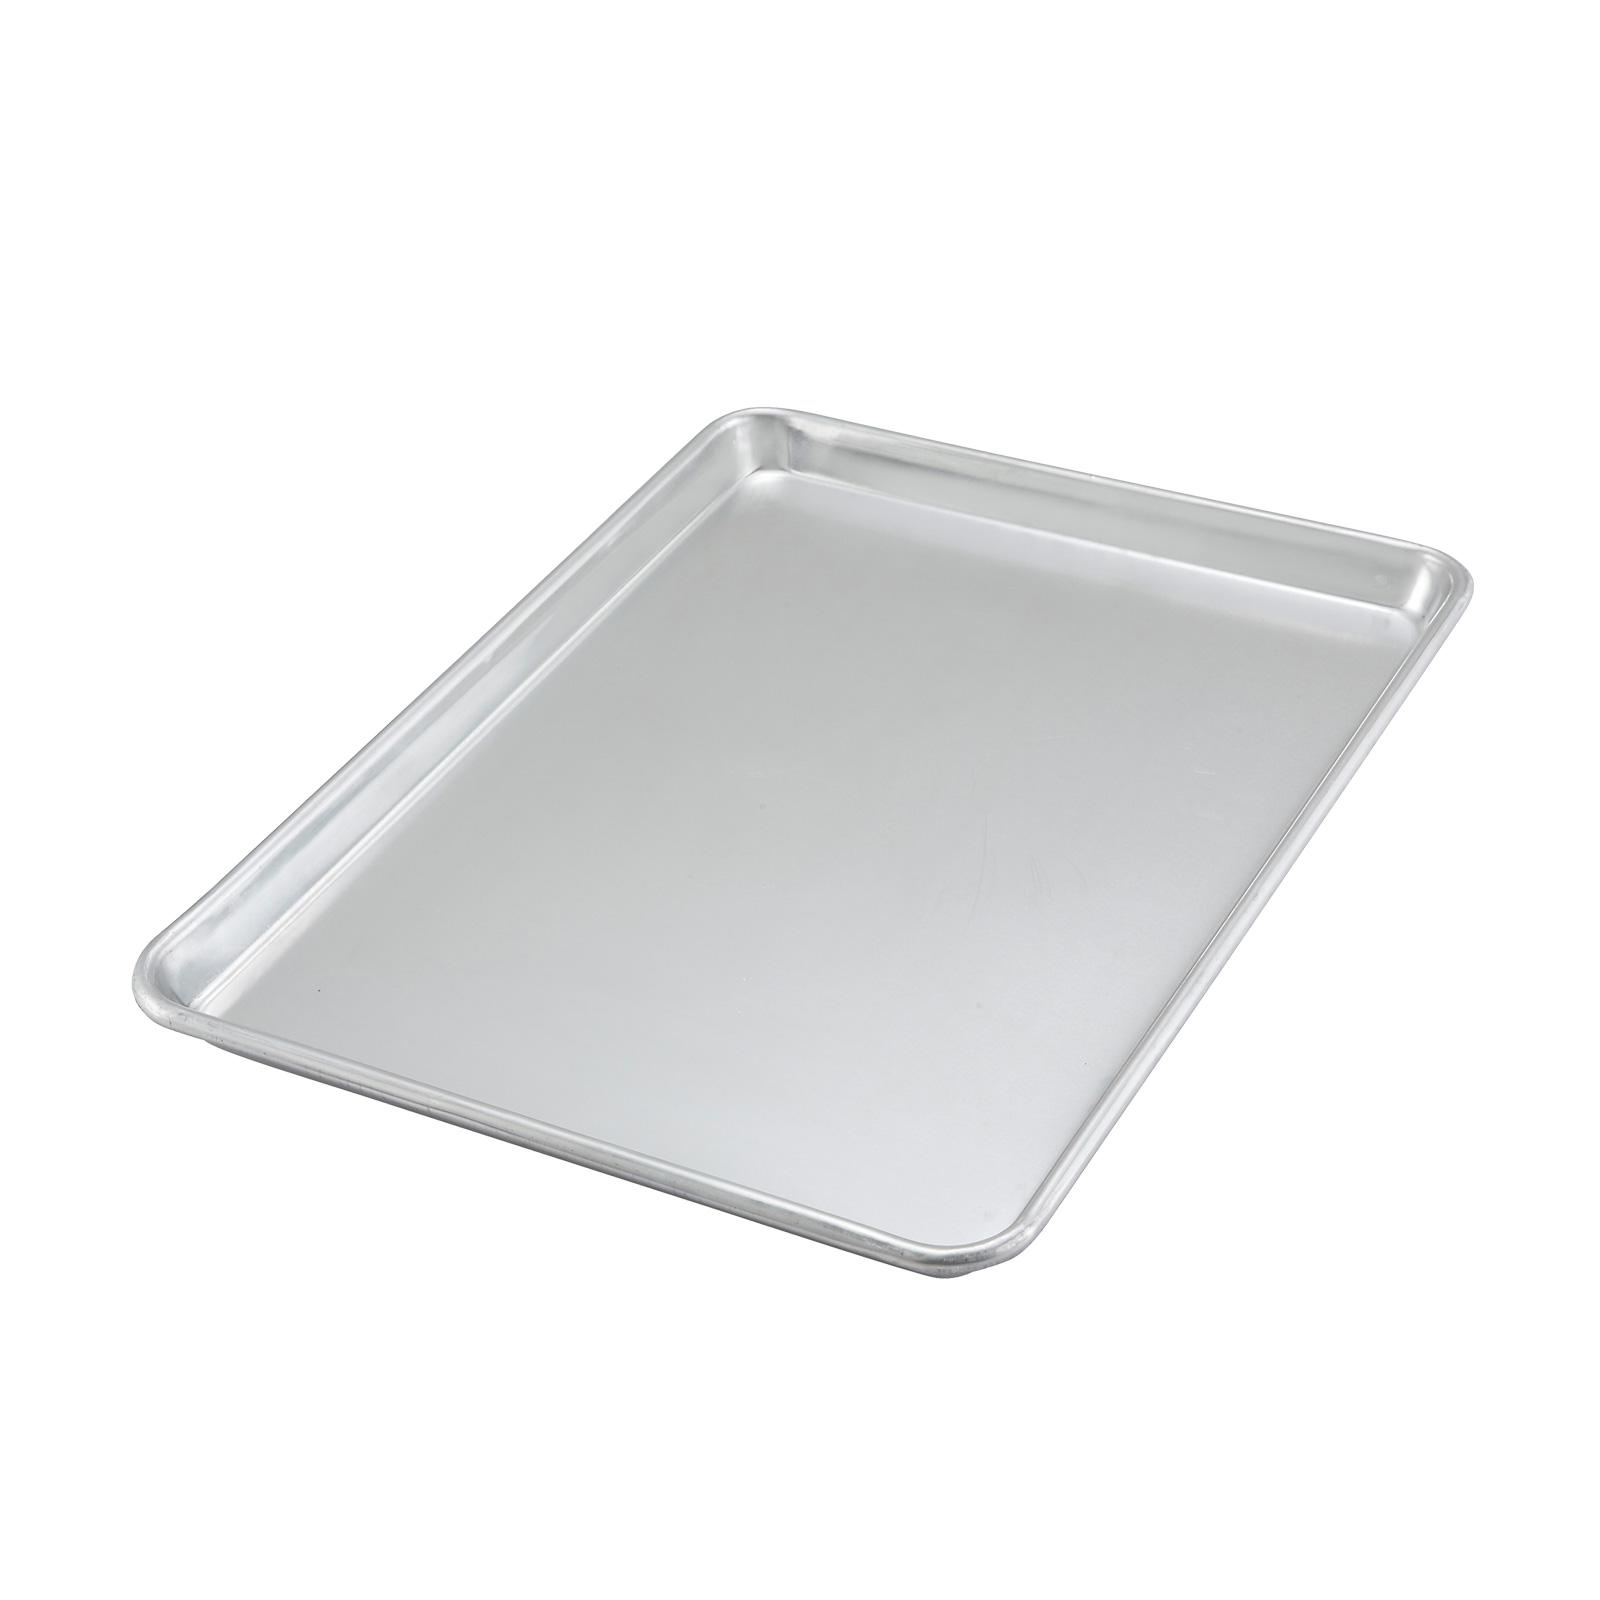 1800-00 Winco ALXP-1318 Half size bun / sheet pan